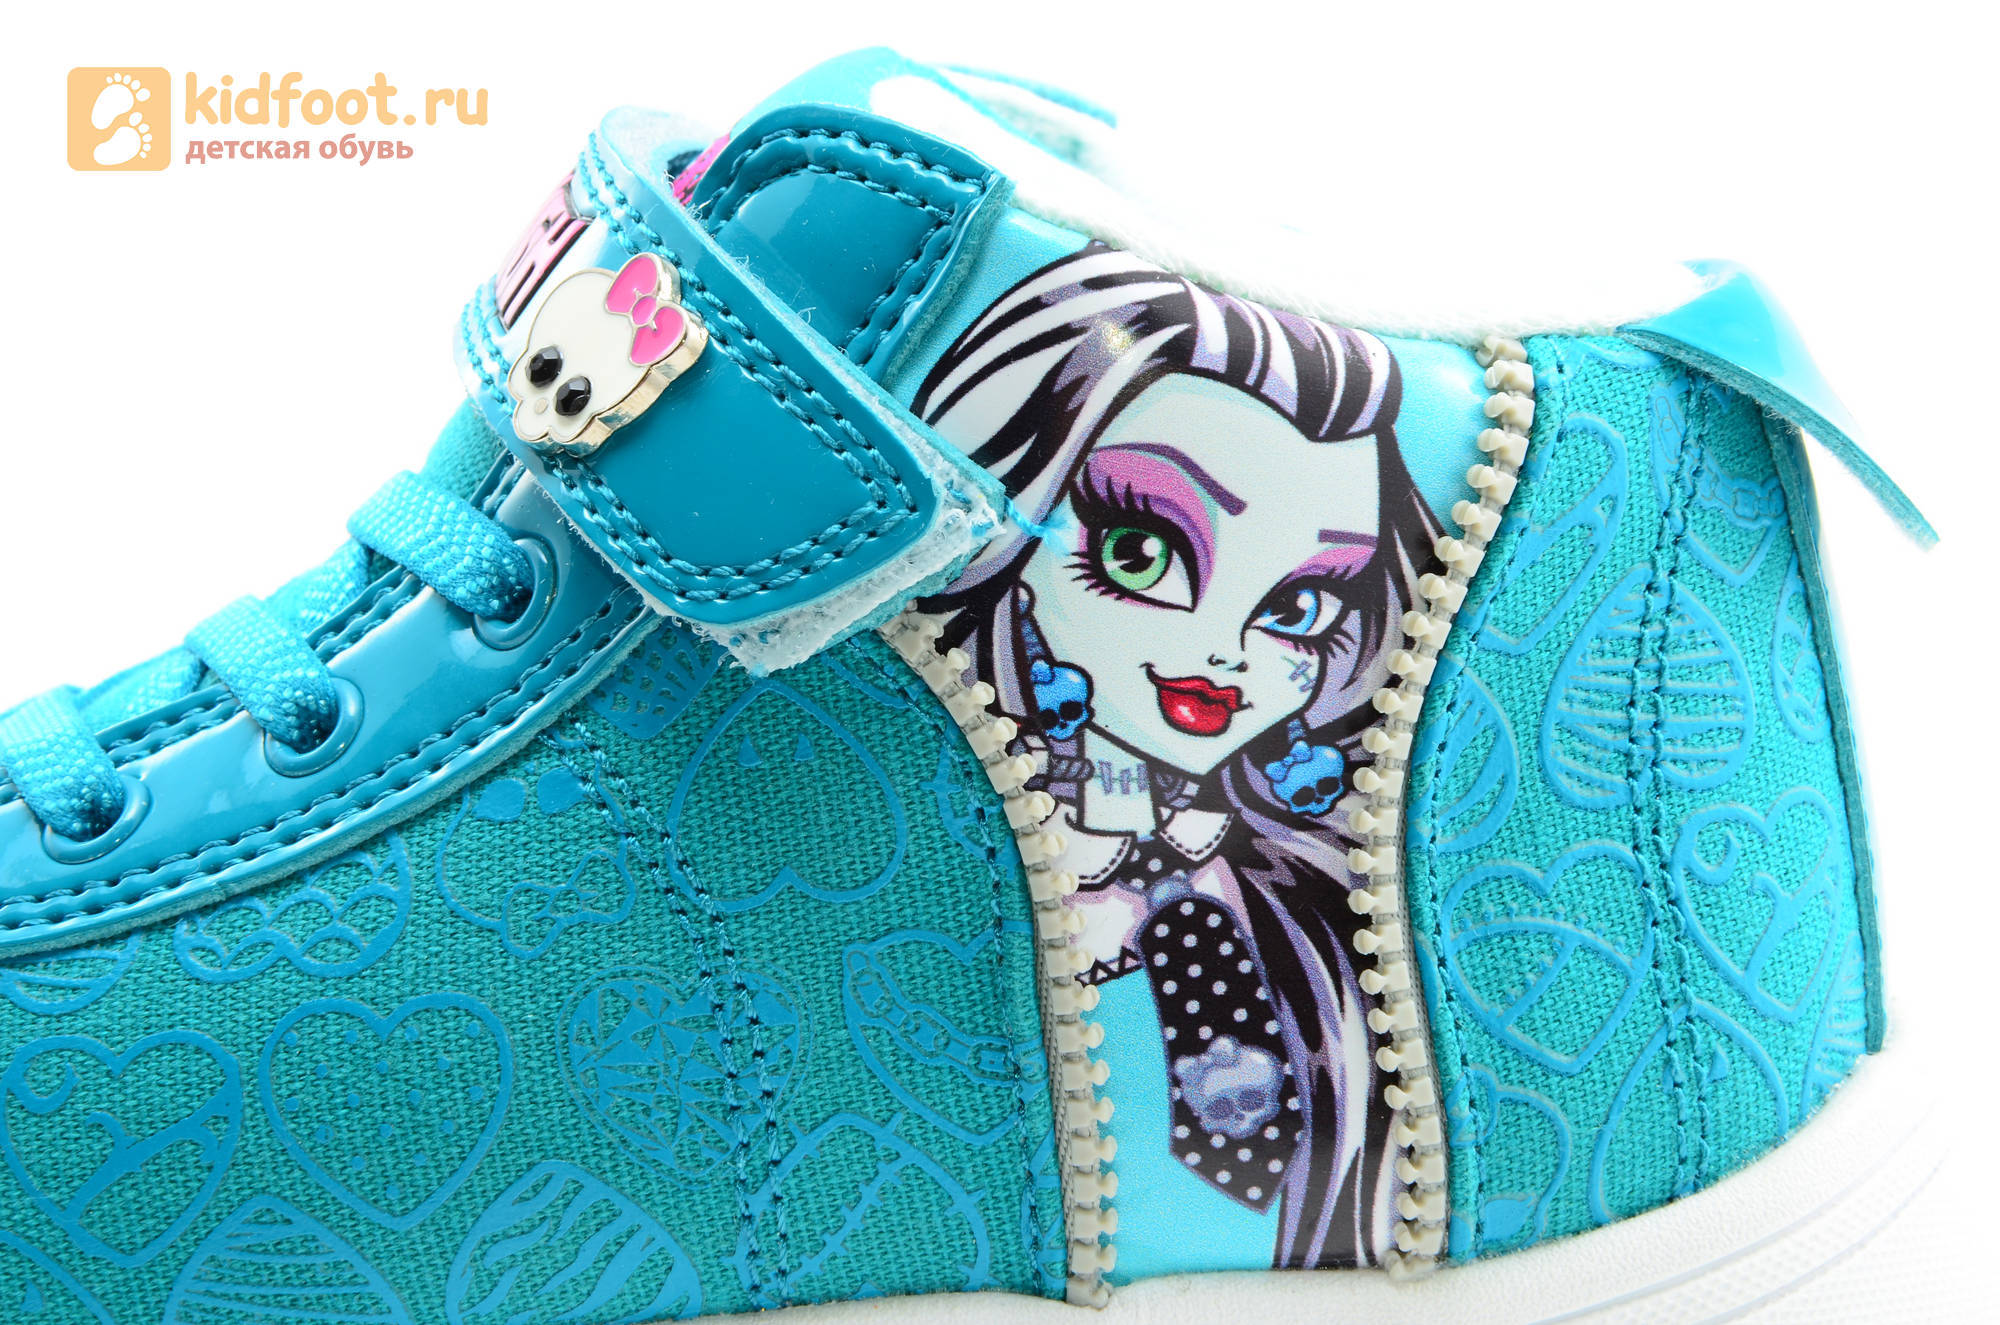 Кроссовки Монстер Хай (Monster High) на липучке для девочек, цвет голубой